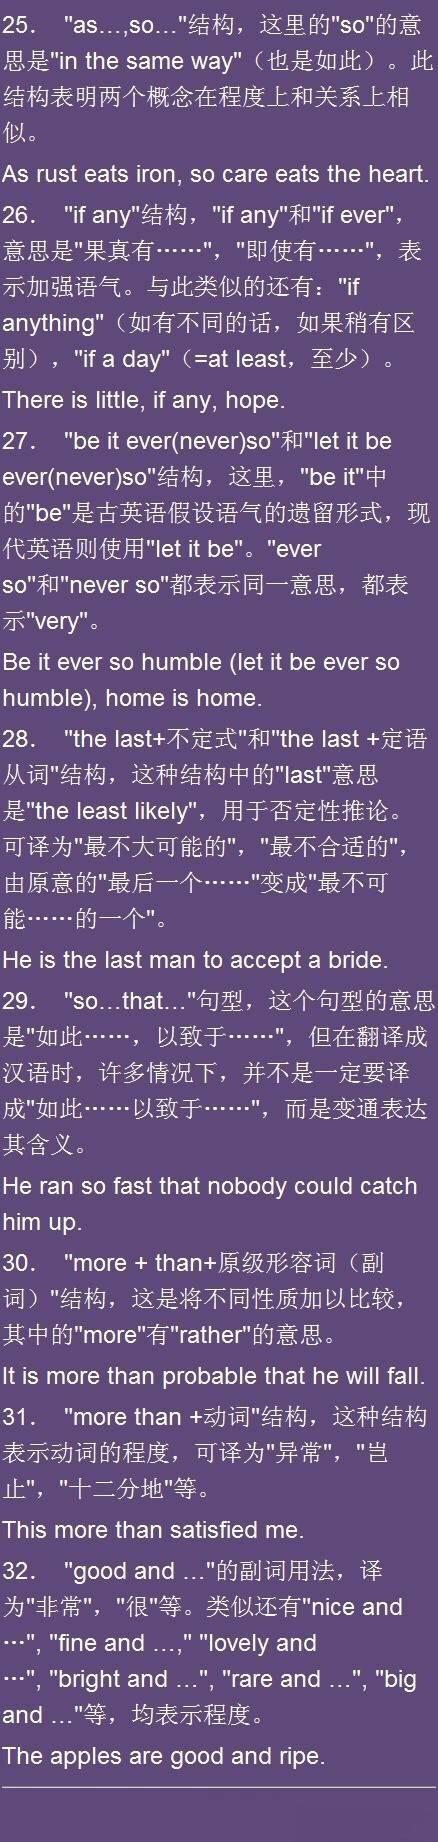 英语关键句型的72种,学英语so easy!